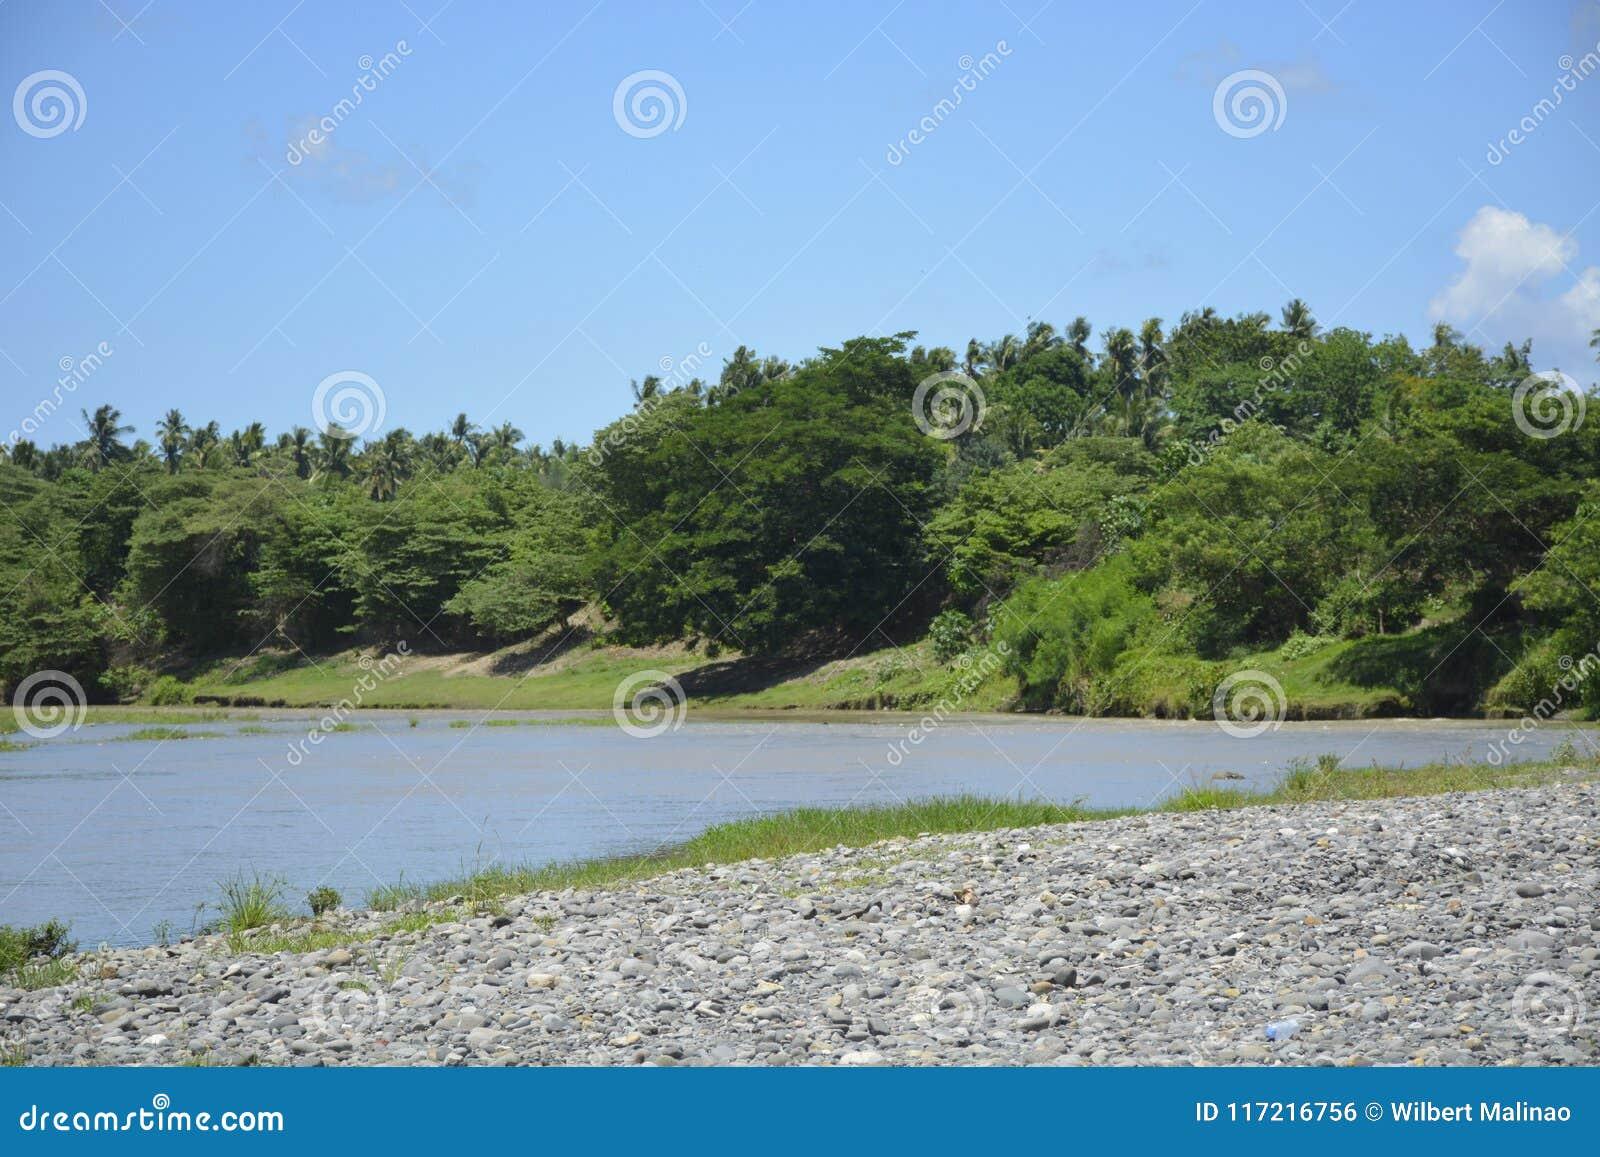 Εγκαταστάσεις που αυξάνονται στο Riverbank padada-Miral του ποταμού, Lapulabao, Hagonoy, Davao del Sur, Φιλιππίνες